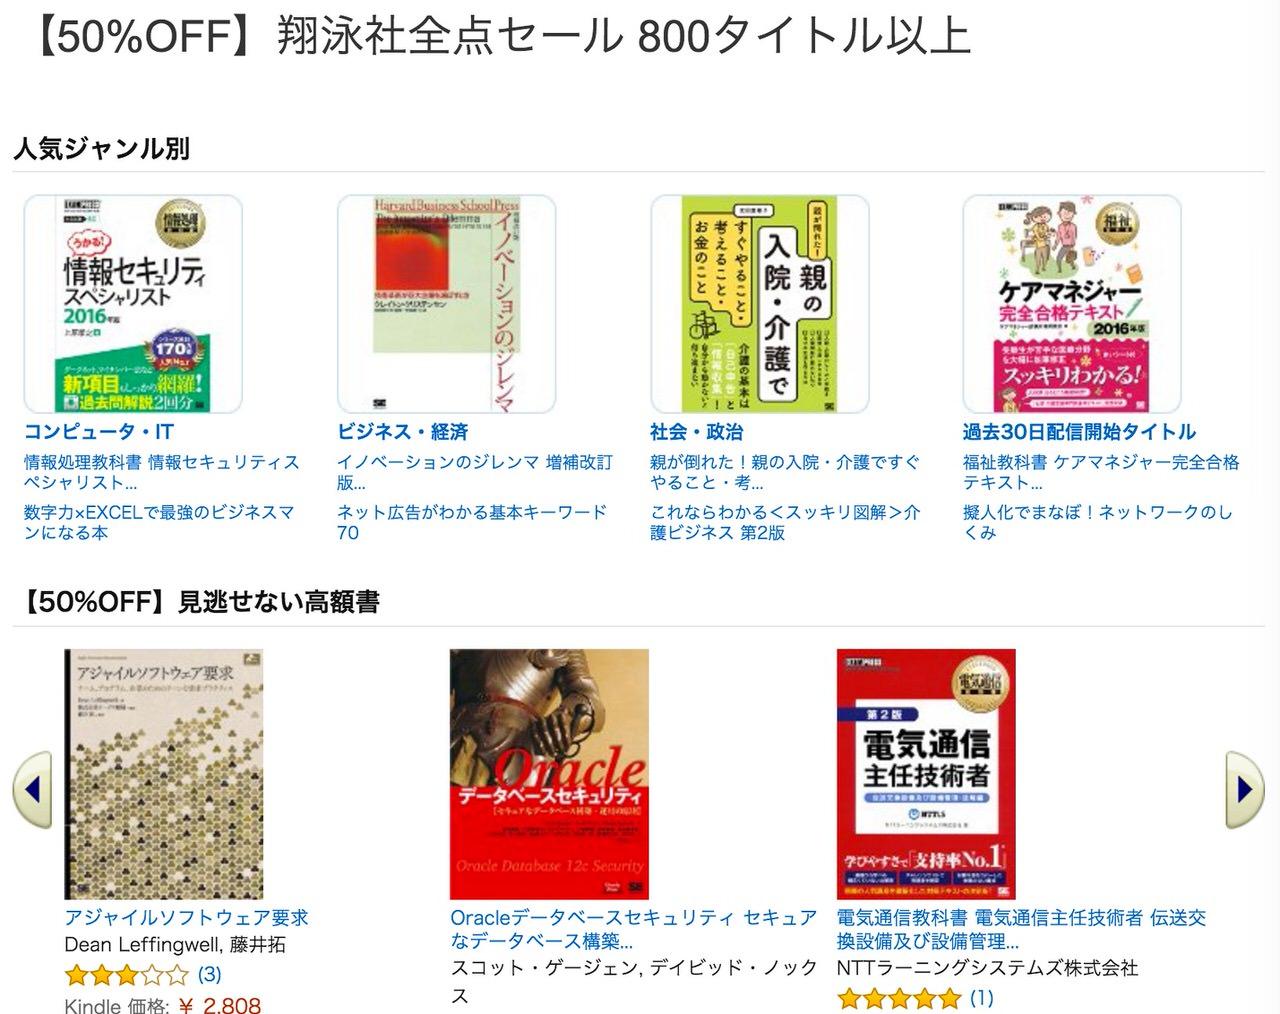 【Kindle】50%オフ「翔泳社全点セール」実施中